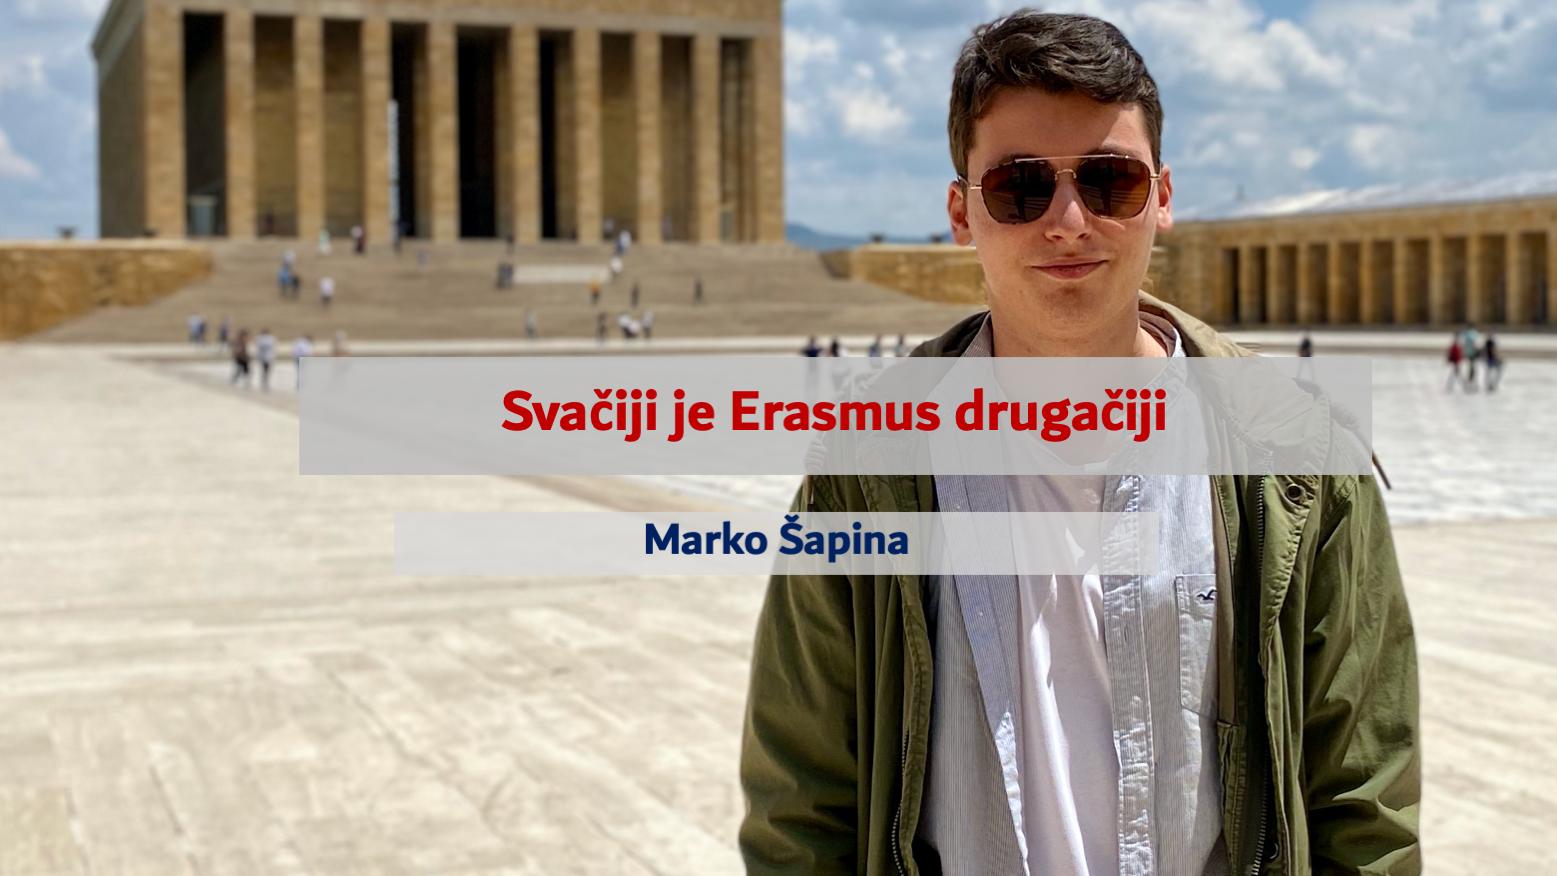 Svačiji je Erasmus drugačiji